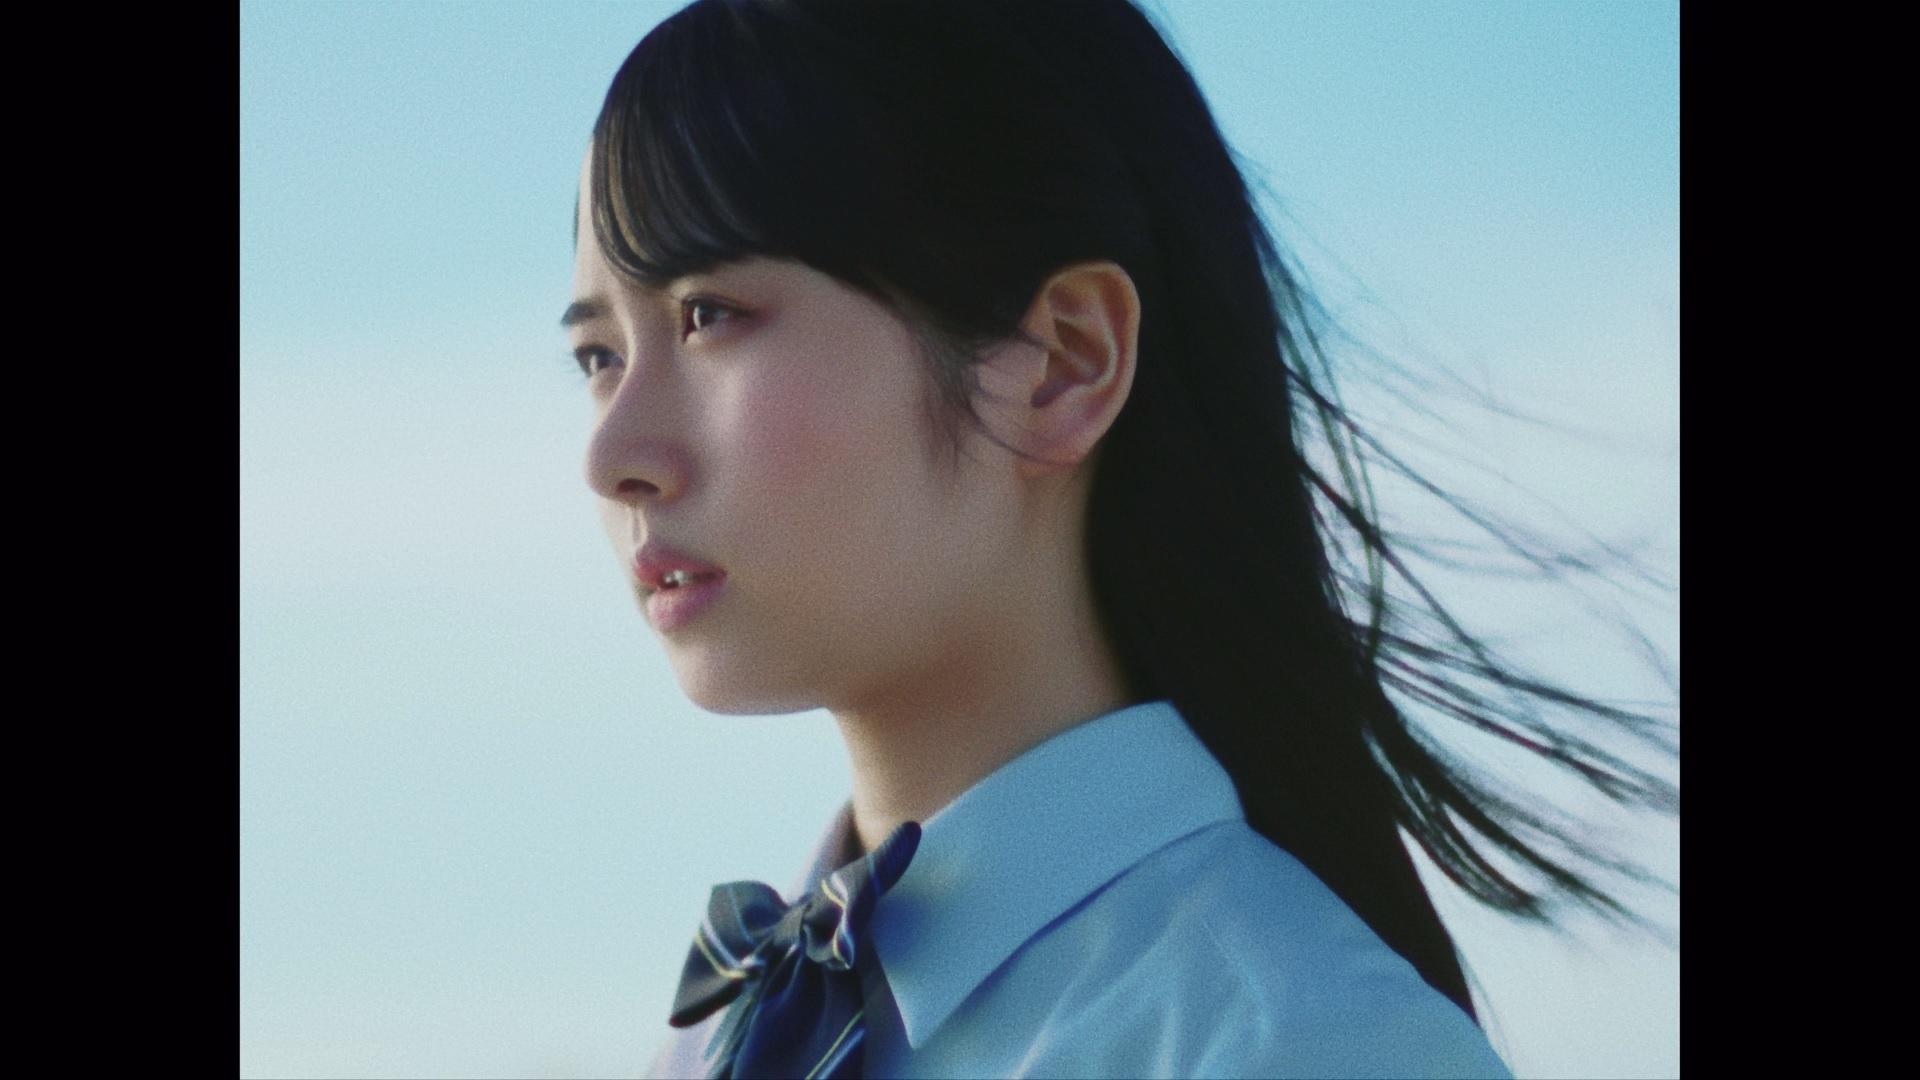 日向坂46新单收录曲「何度でも何度でも」MV公开上村ひなの挑C位大梁-itotii